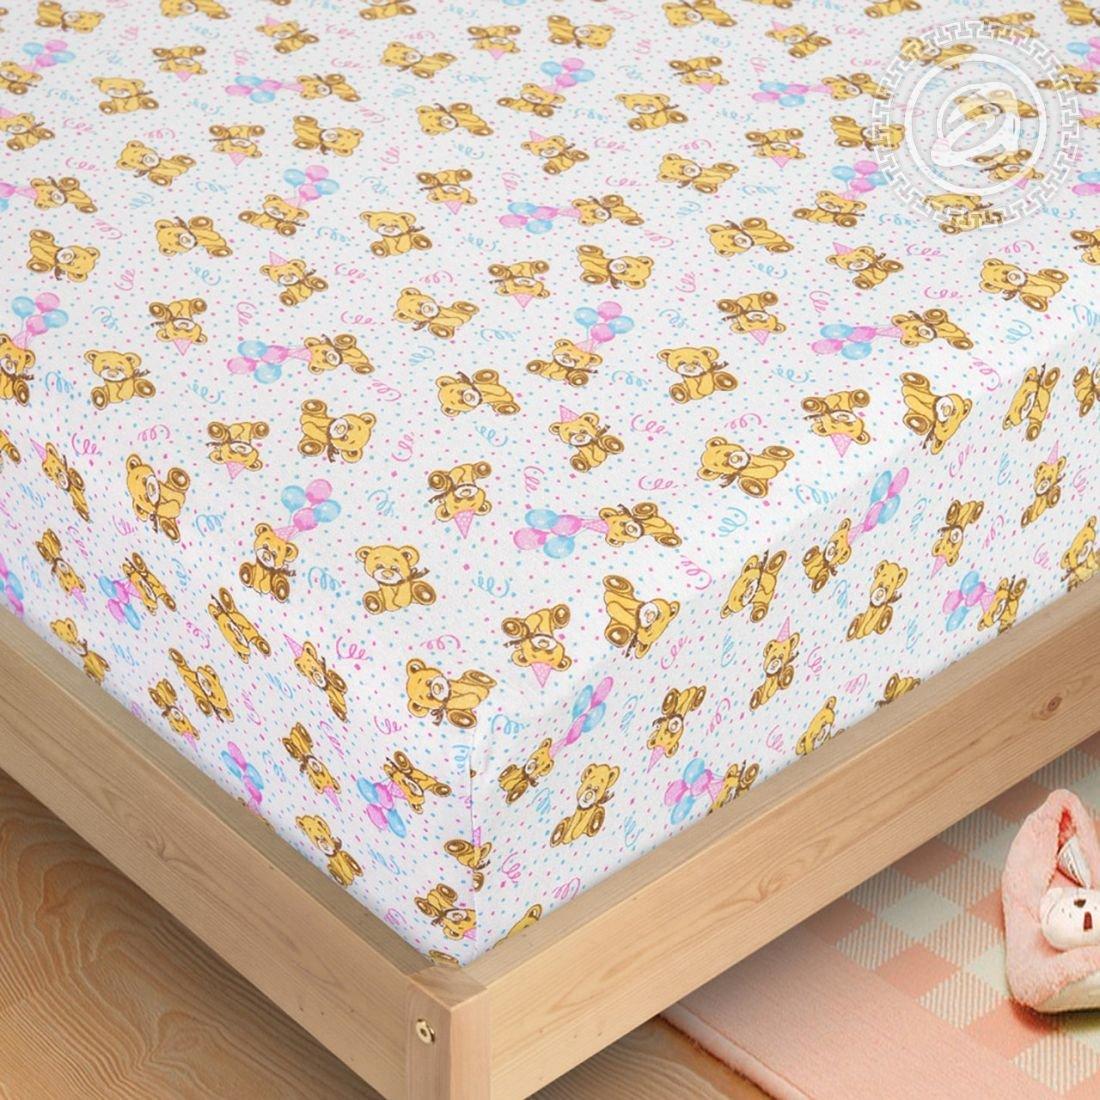 Простынь мишутка - простынь на резинке, размер 60х120, ткань трикотаж, Артпостель